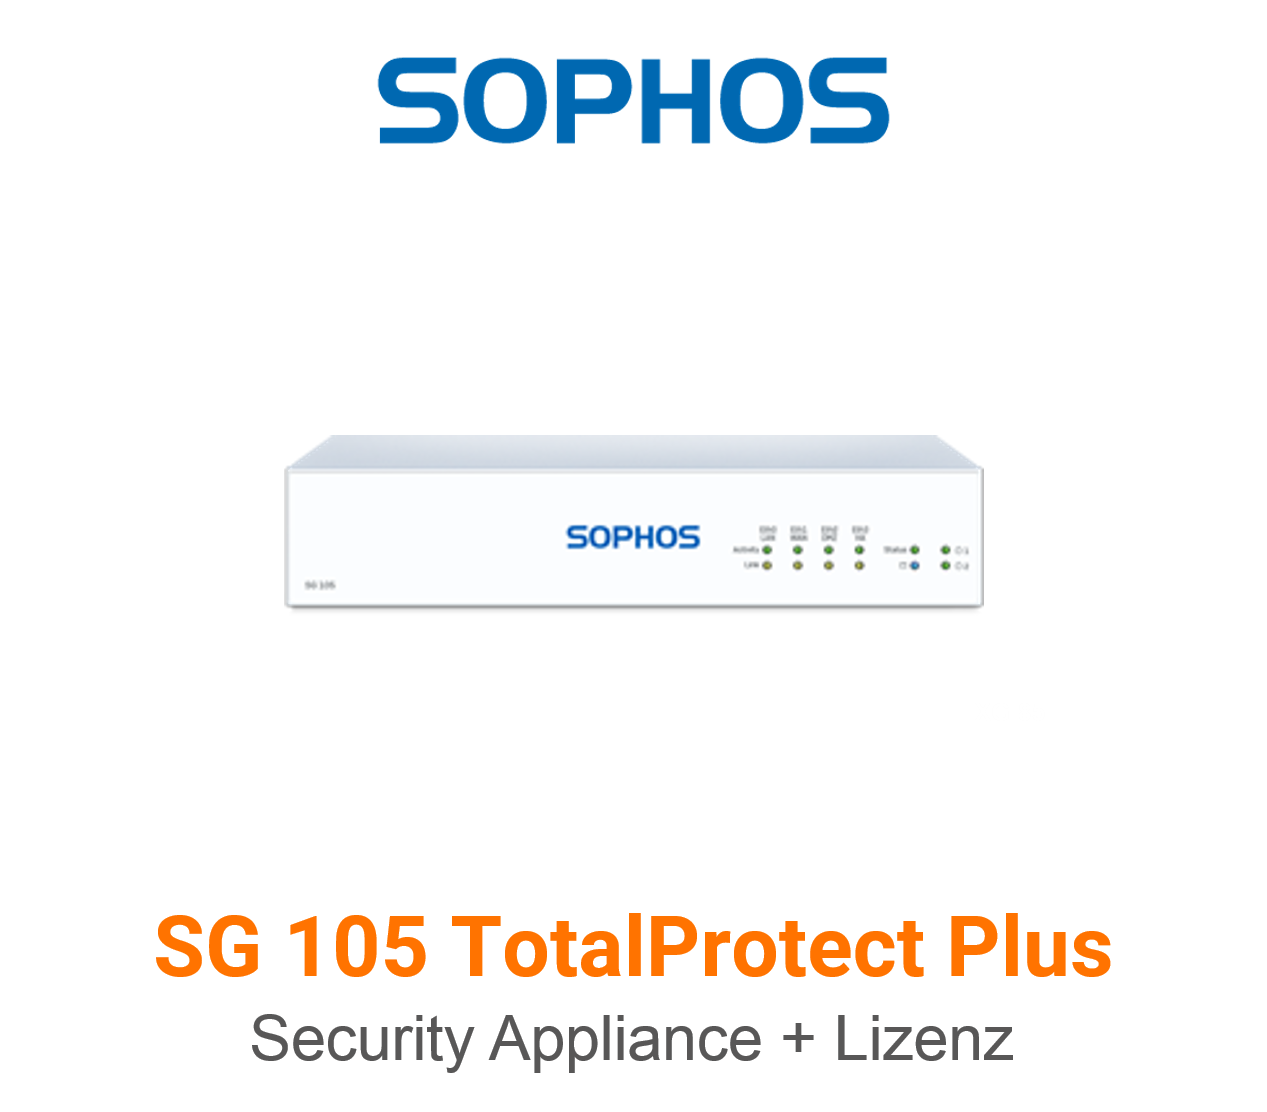 Sophos SG 105 TotalProtect Plus Bundle (Hardware + Lizenz)